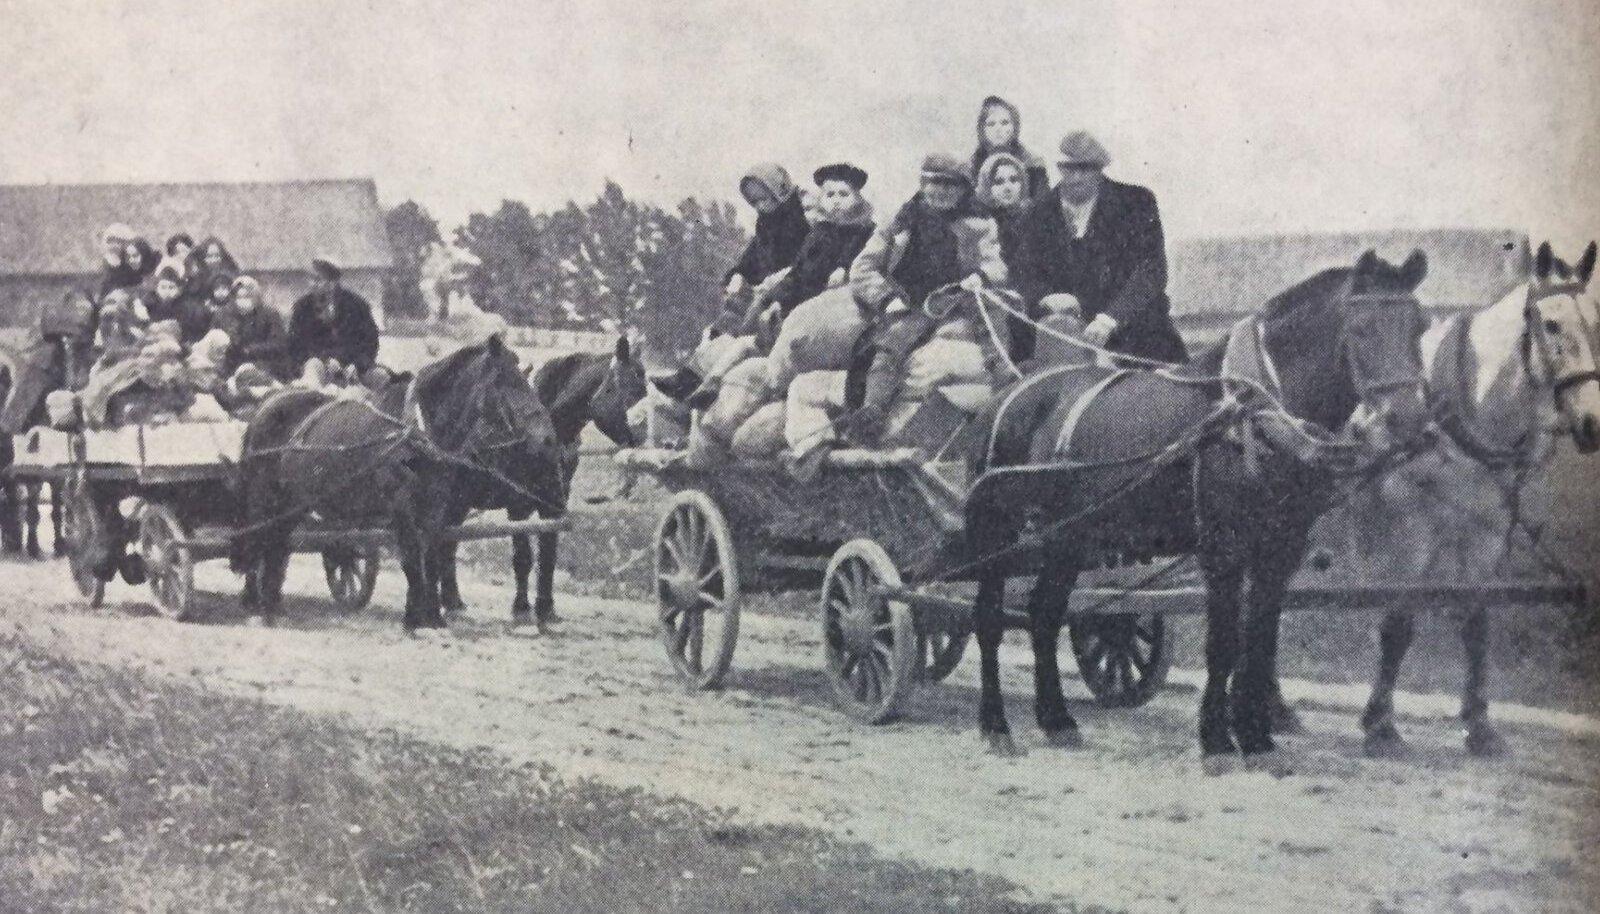 Inimesed kolisid sõja ajal linnast maale.